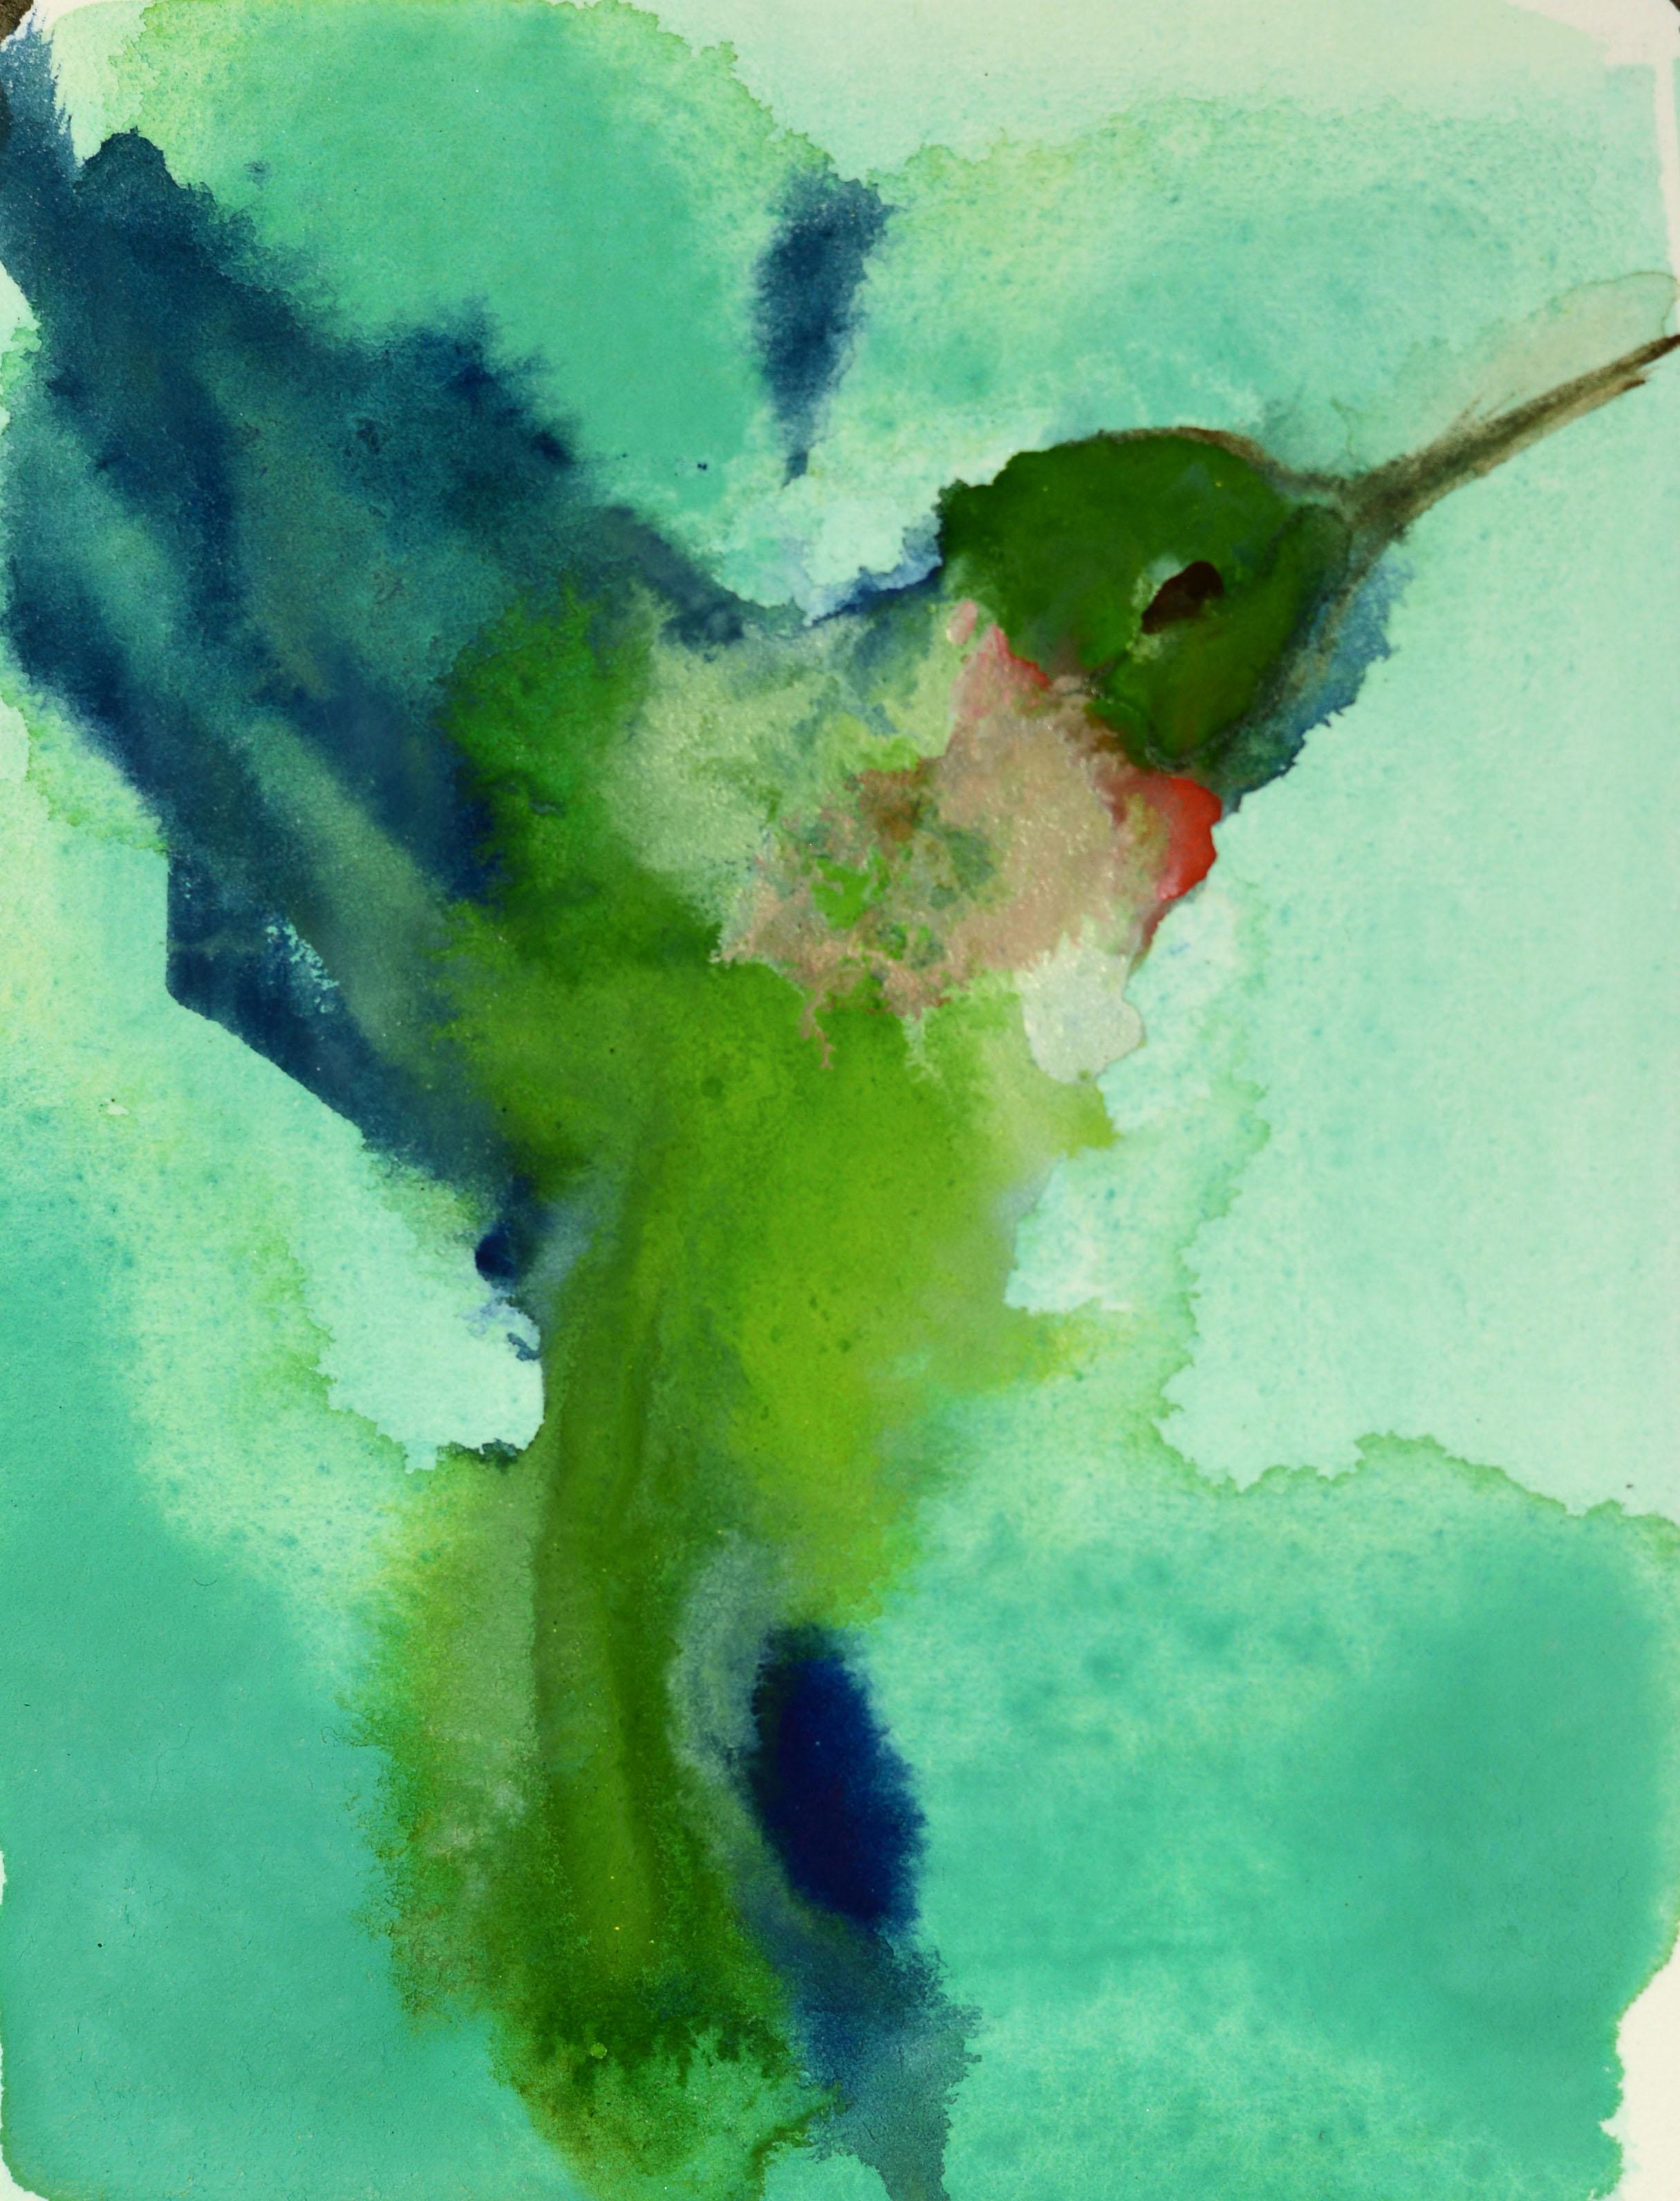 Rebecca_Kinkead_hummingbird no. 2_4x3 inset on 11x7.5 paper.jpg